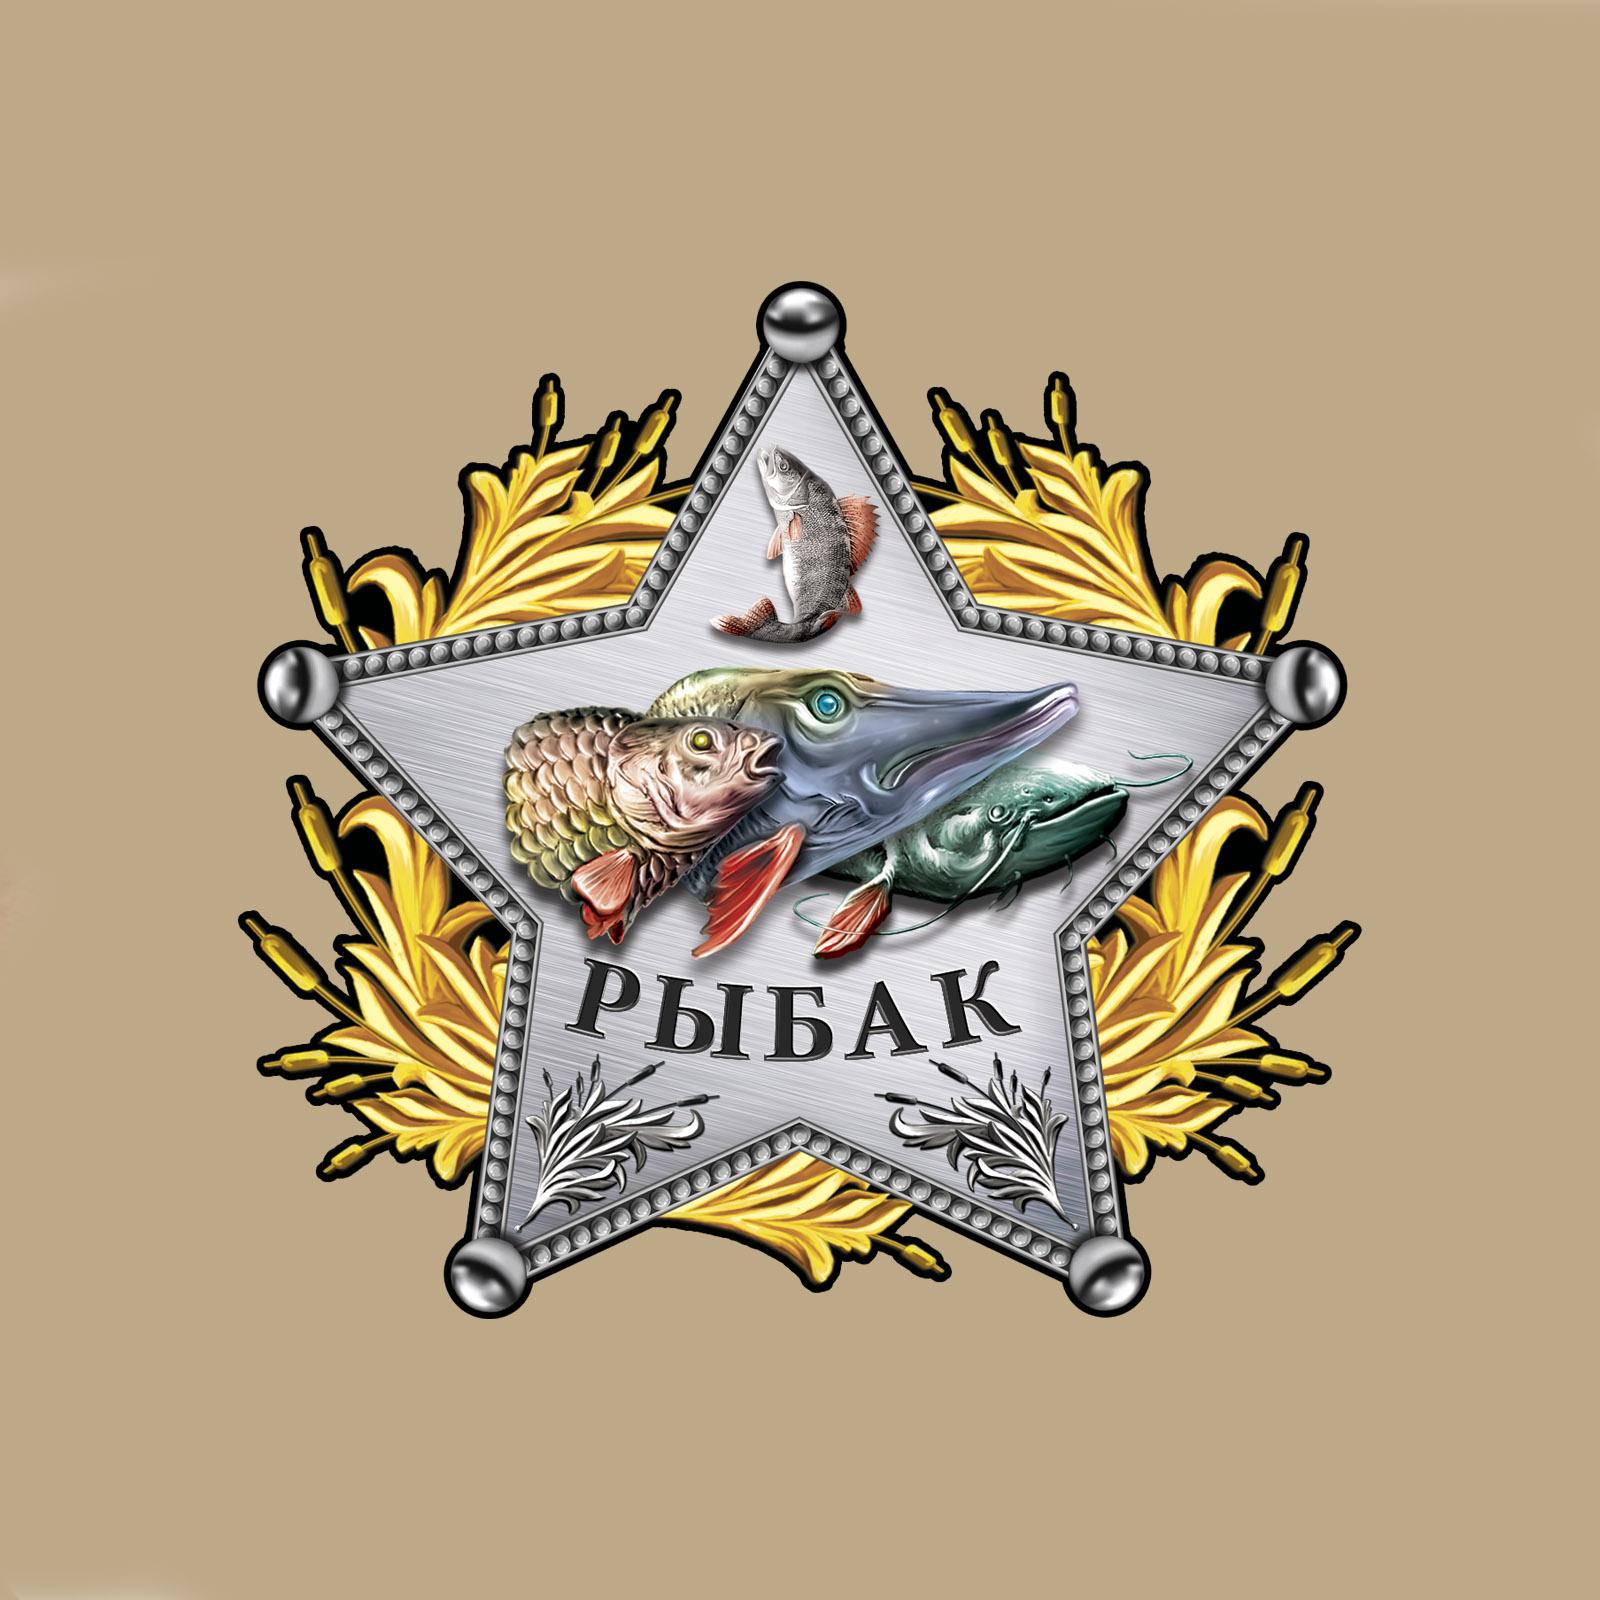 Мужская хлопковая футболка со звездой рыбака - купить оптом